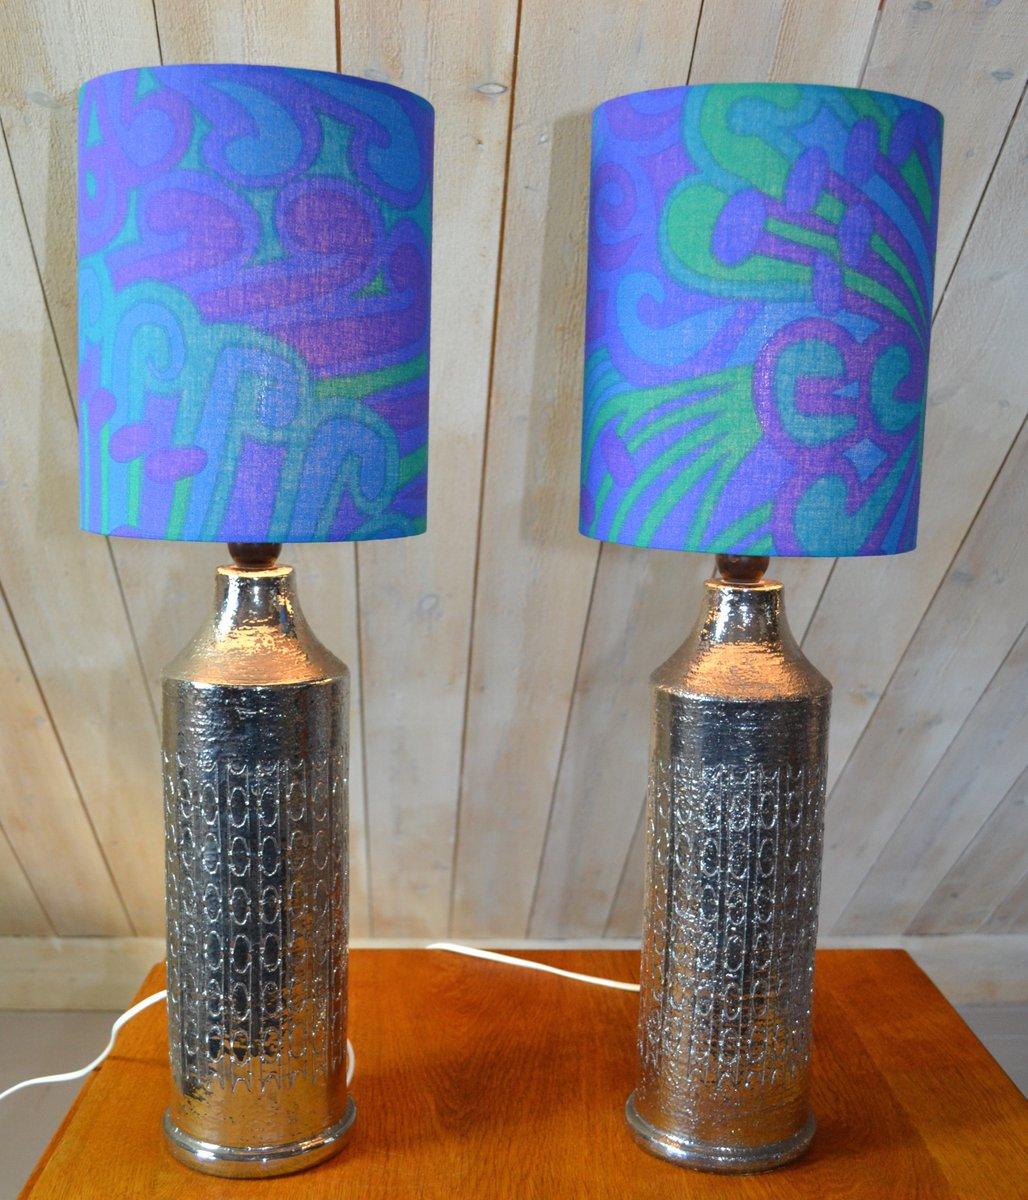 Verglaste Keramik Tischlampen von Bitossi für Bergbom, 2er Set